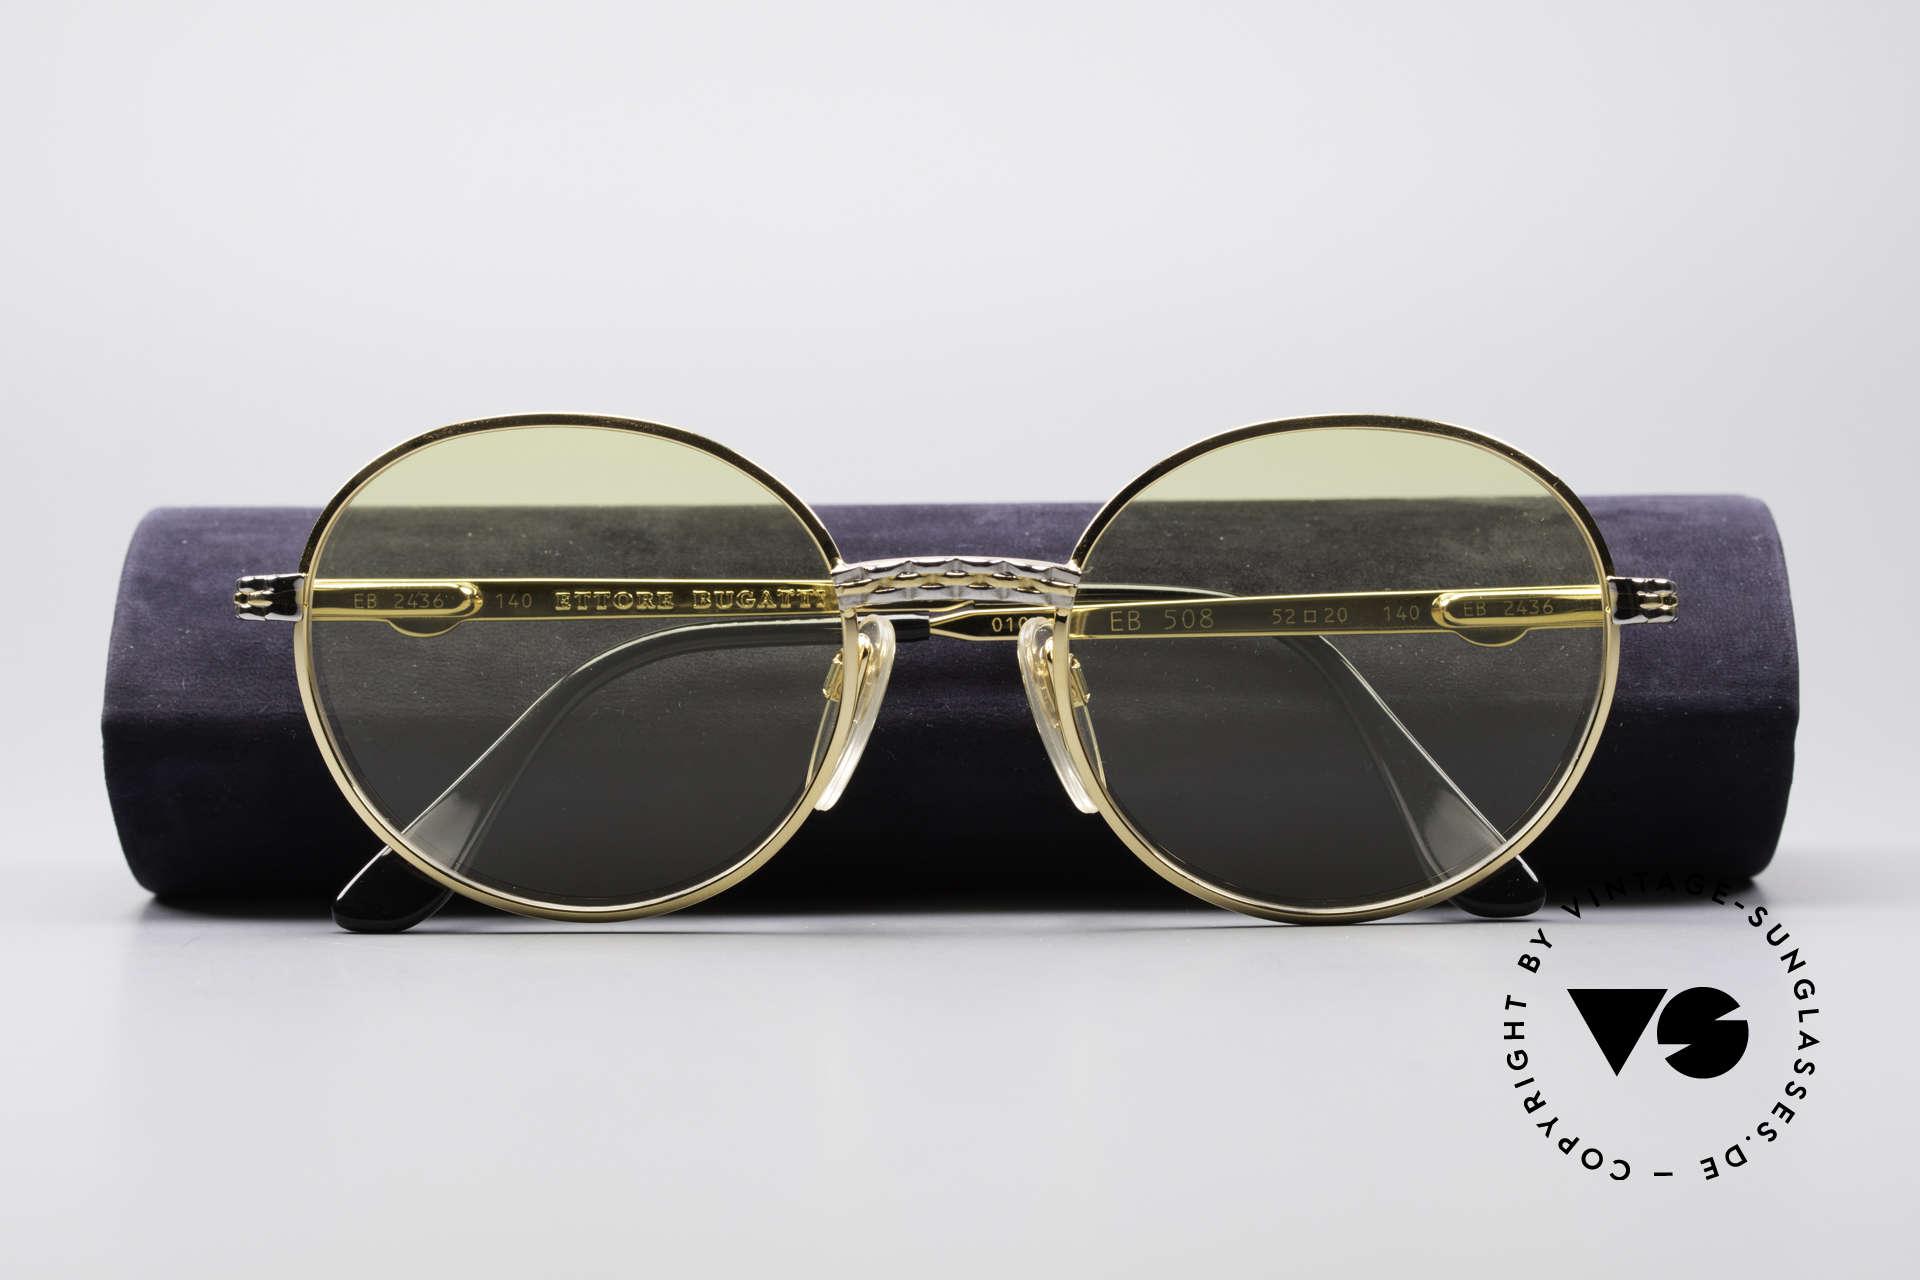 sonnenbrillen bugatti eb508 runde migos vintage brille. Black Bedroom Furniture Sets. Home Design Ideas